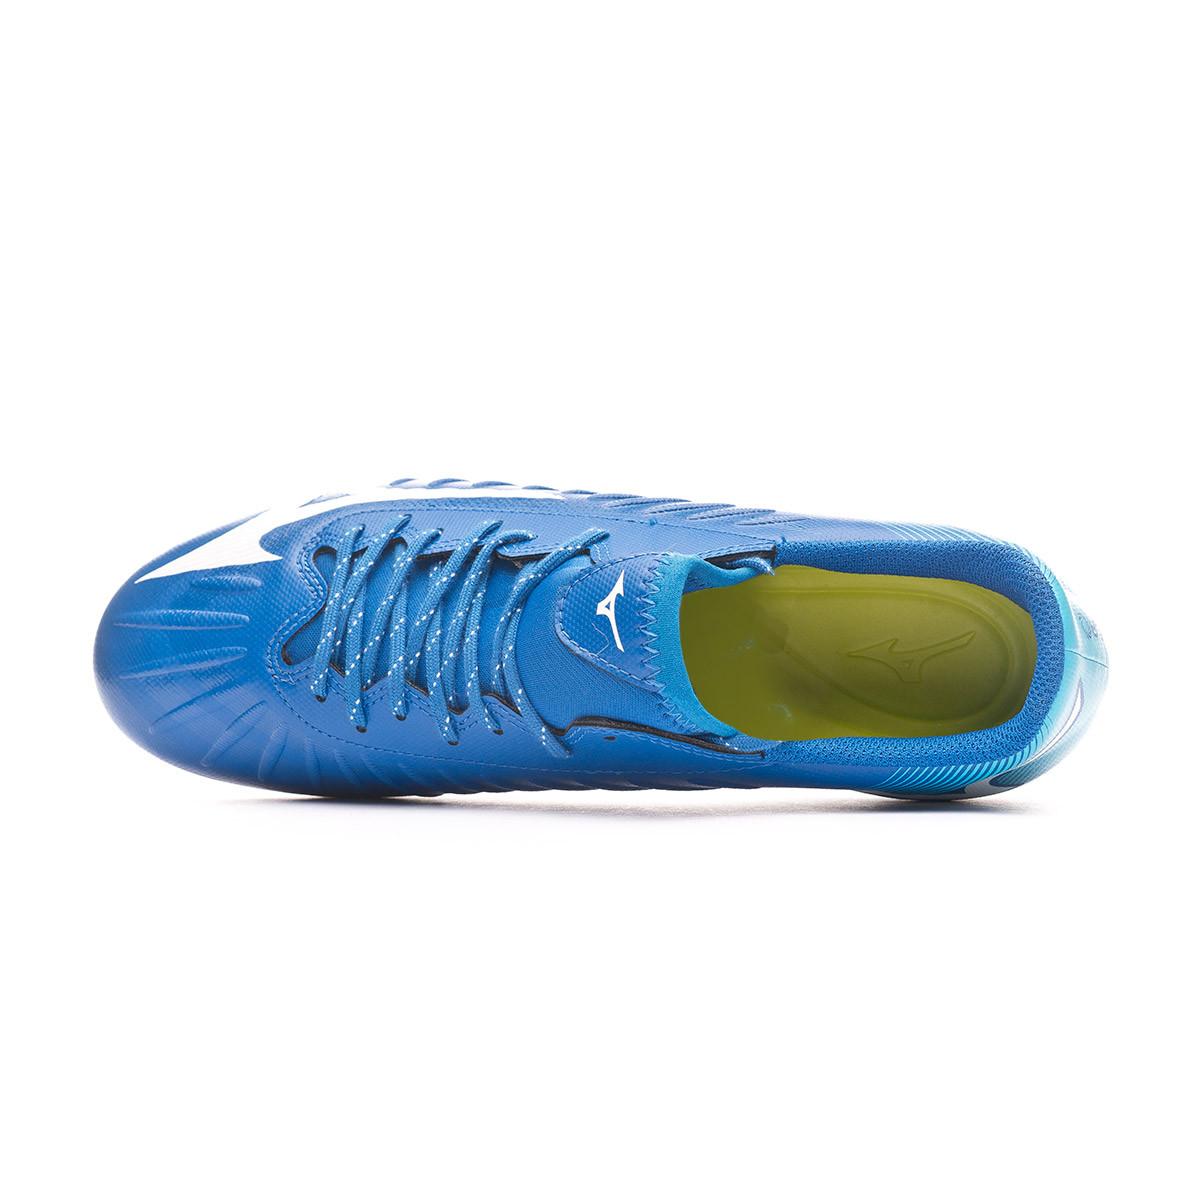 Mizuno Rebula 3 Select Snorkel Blue-White-Atoll Chaussure de Foot